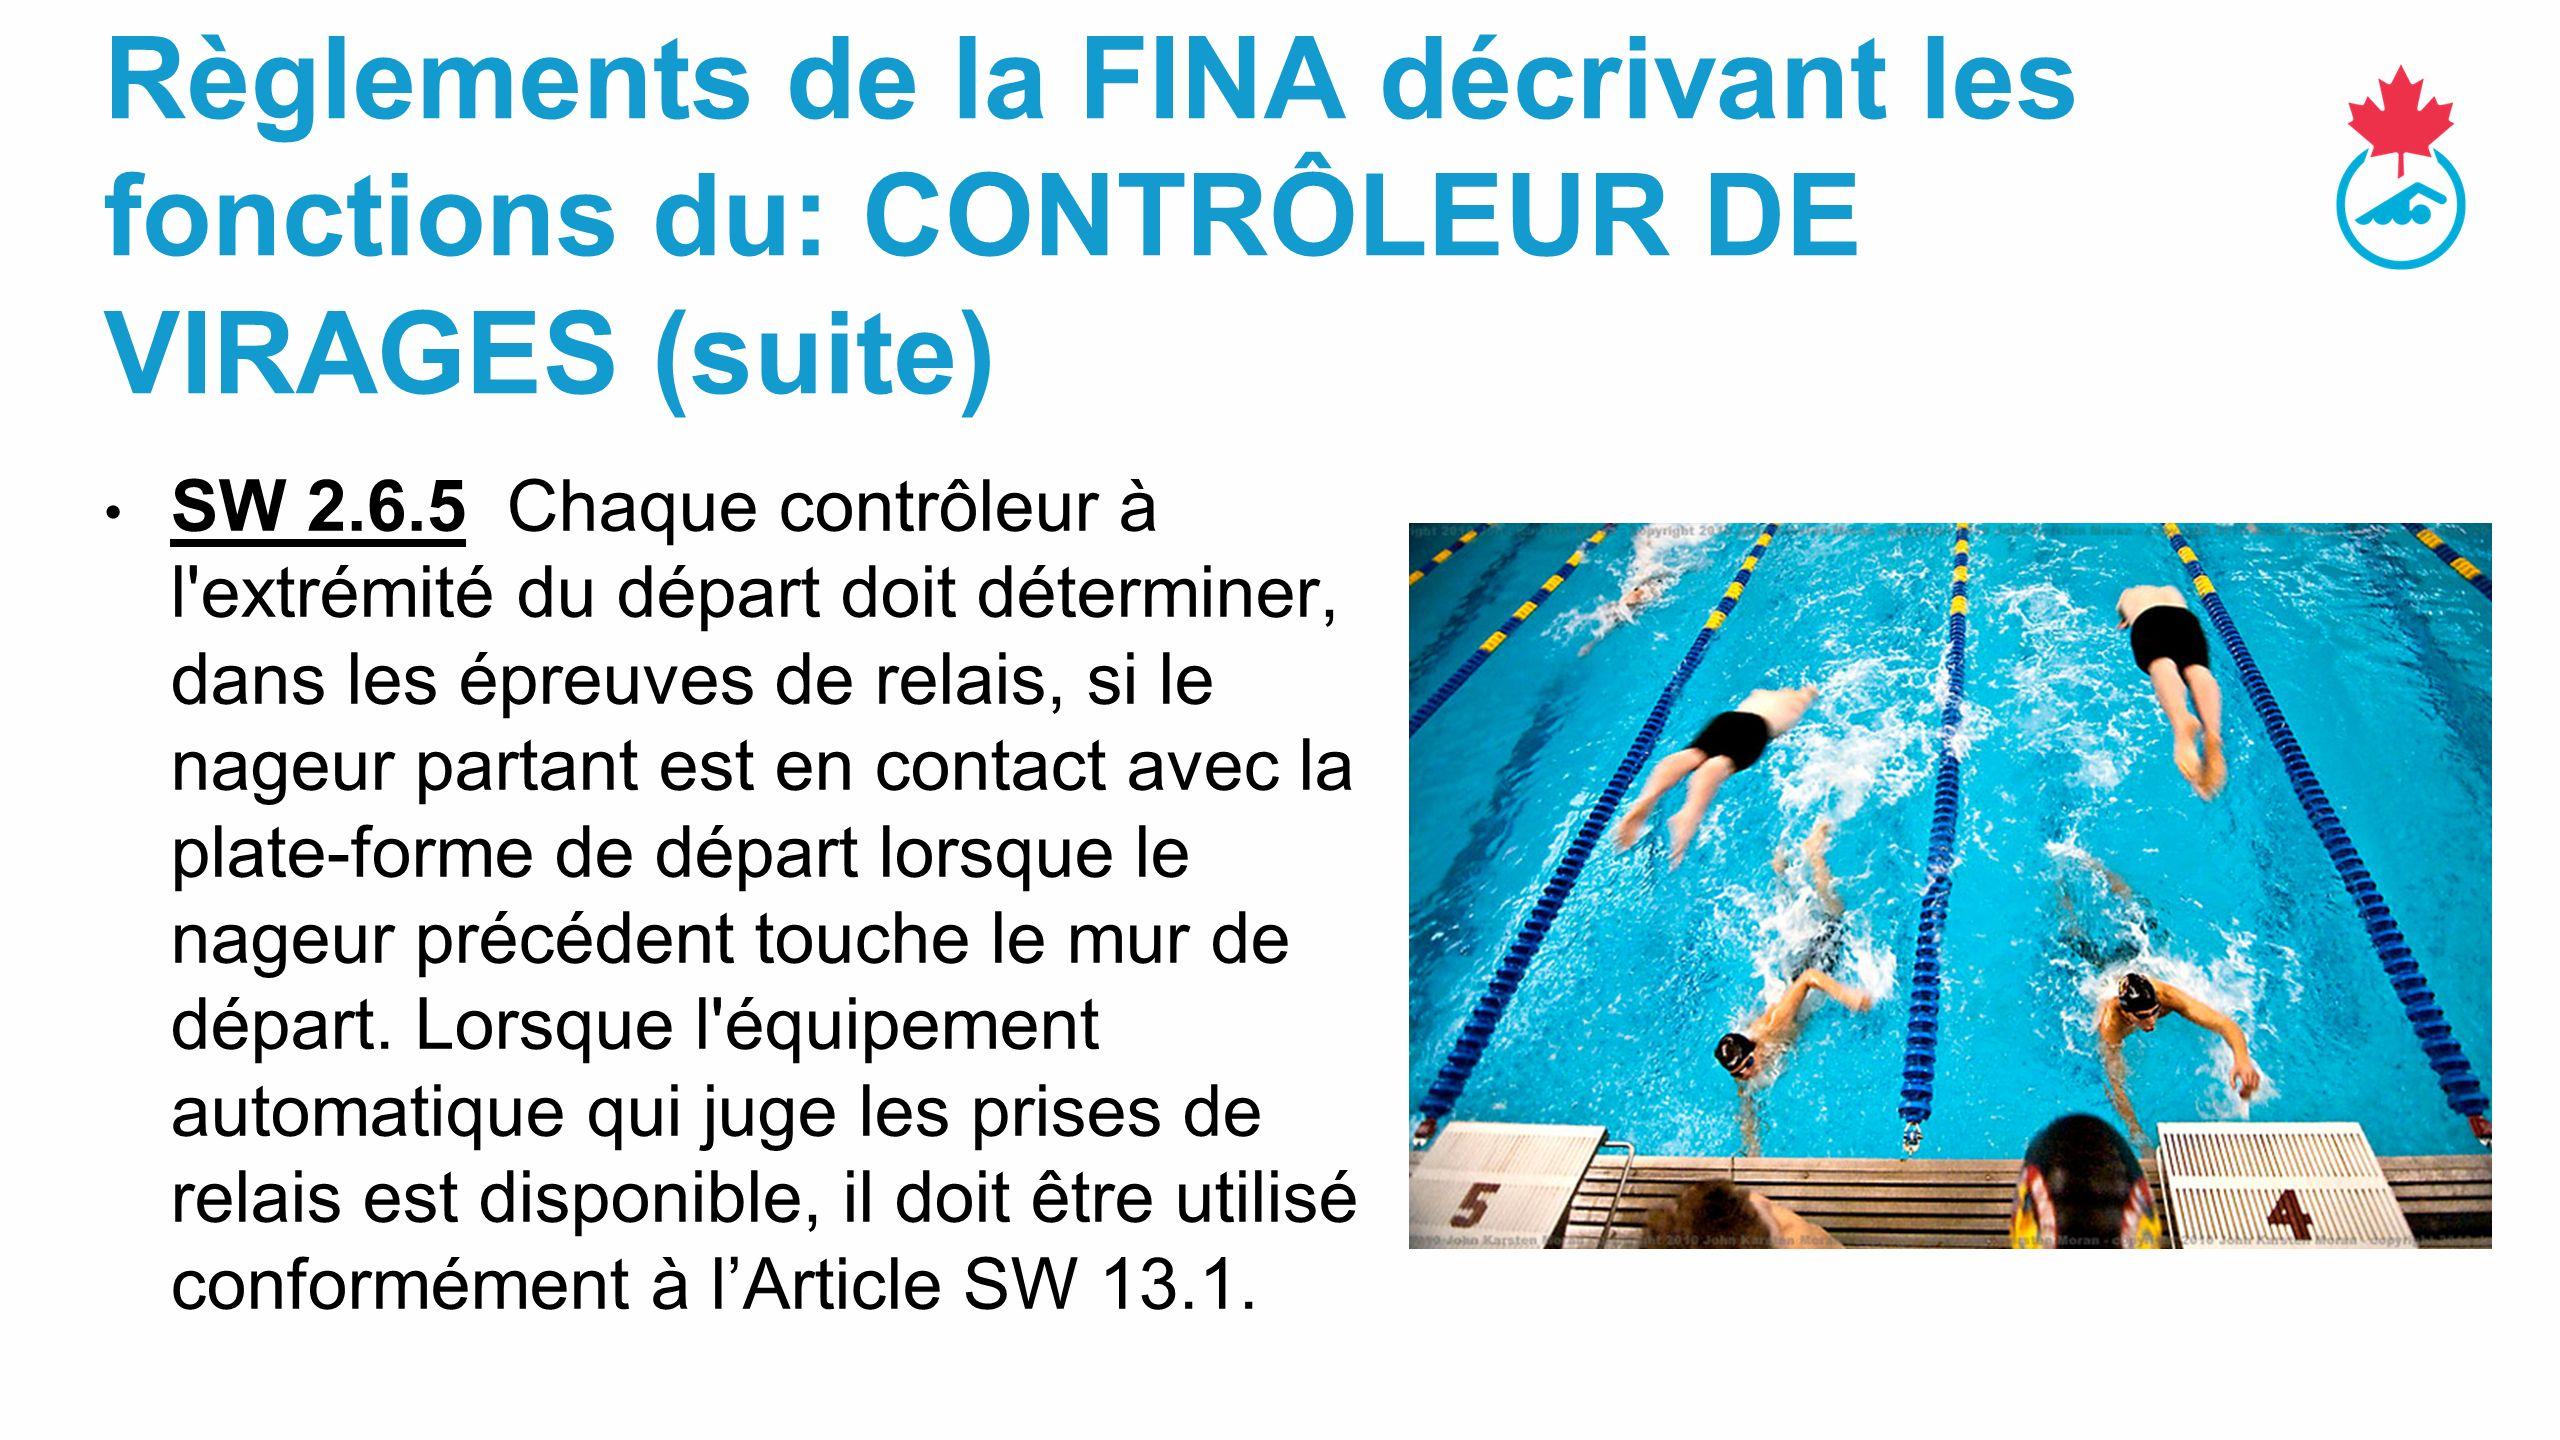 Règlements de la FINA décrivant les fonctions du: CONTRÔLEUR DE VIRAGES (suite) SW 2.6.5 Chaque contrôleur à l extrémité du départ doit déterminer, dans les épreuves de relais, si le nageur partant est en contact avec la plate-forme de départ lorsque le nageur précédent touche le mur de départ.